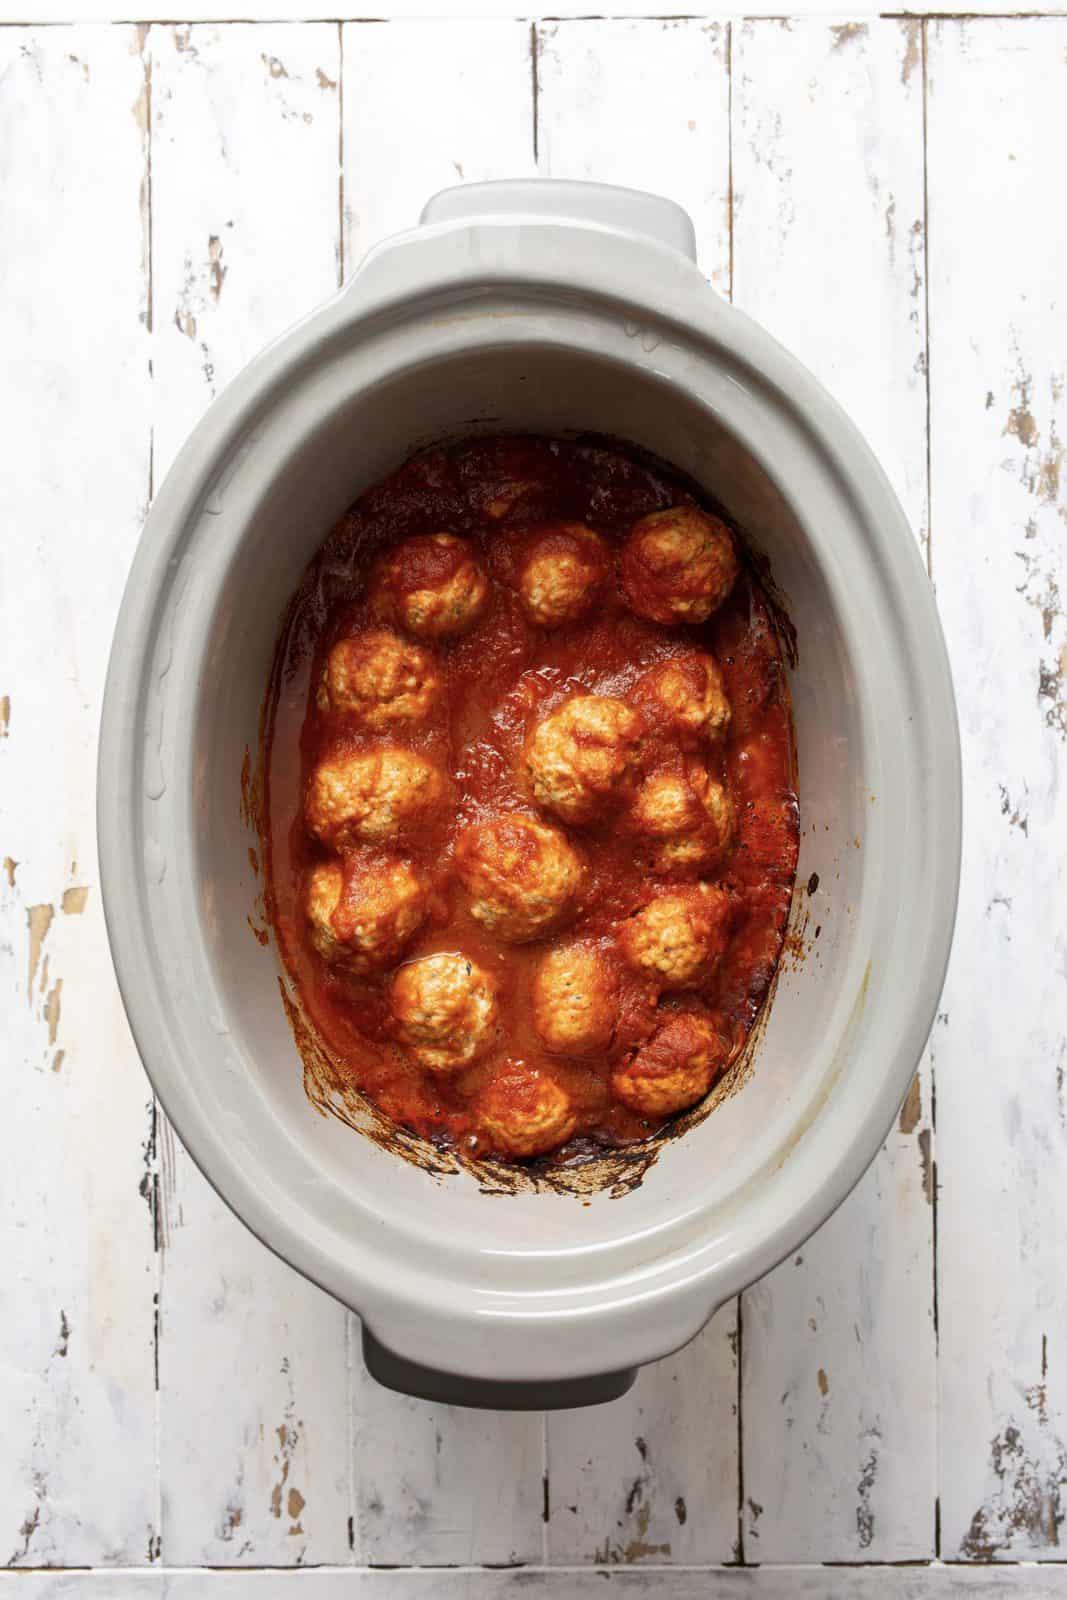 Finished Turkey Meatballs in crock pot.